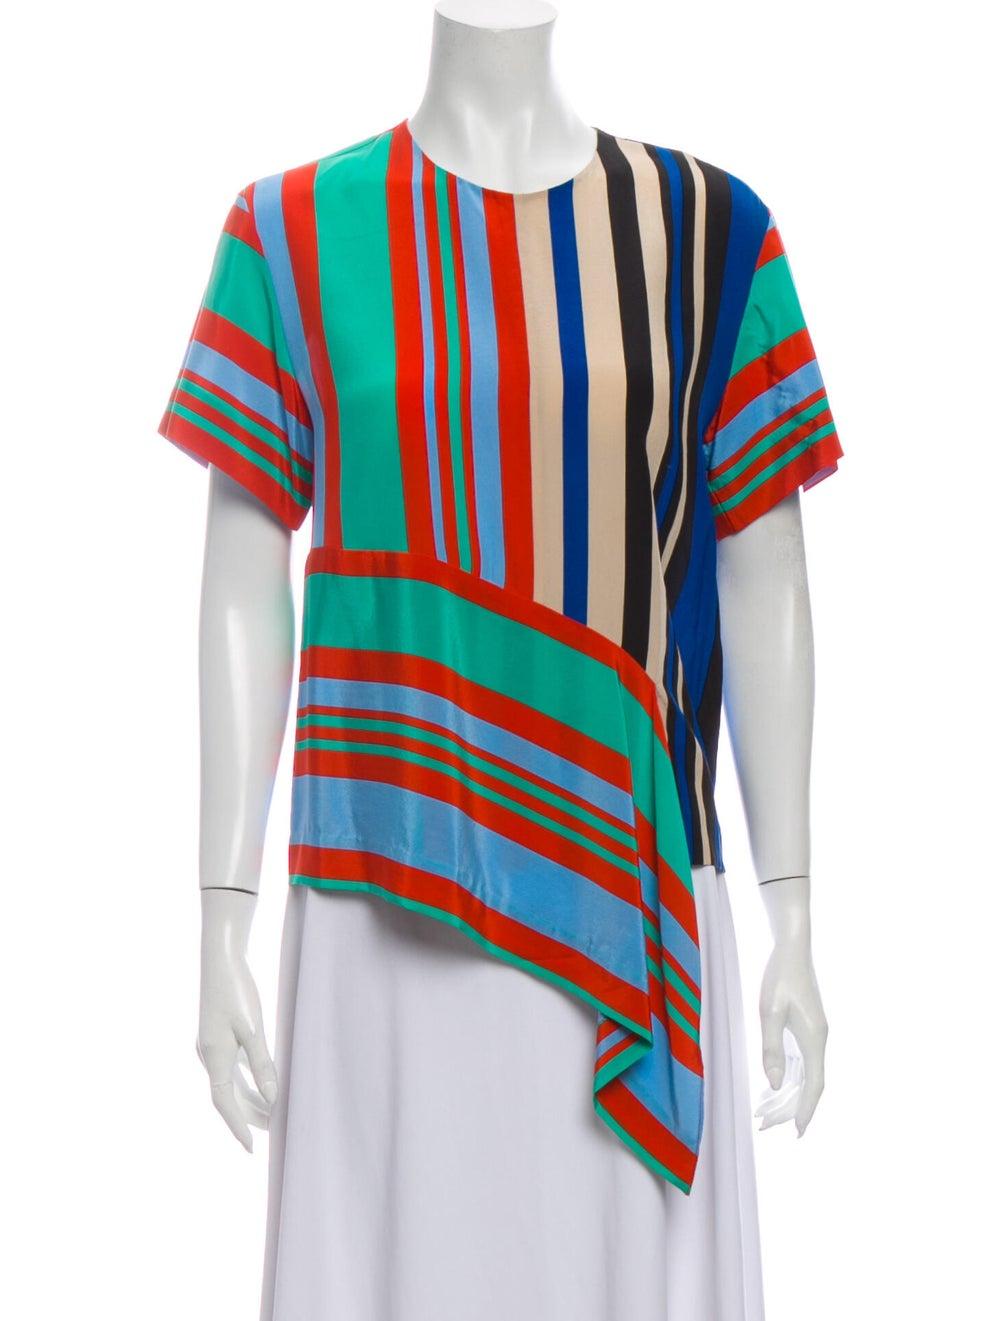 Diane von Furstenberg Silk Striped T-Shirt Green - image 1